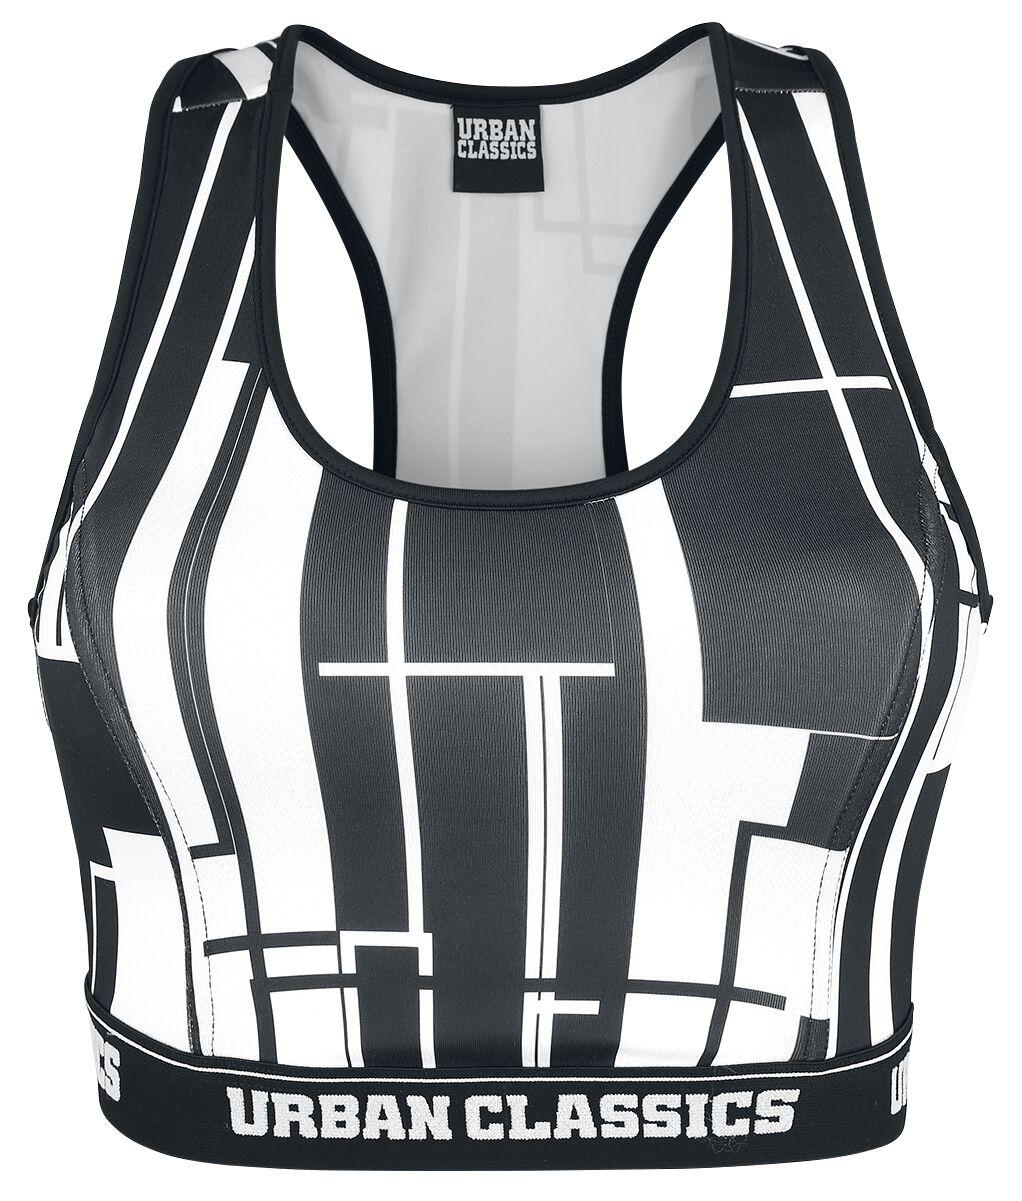 Waesche für Frauen - Urban Classics Ladies Graphic Sports Bra Bustier schwarz weiß  - Onlineshop EMP